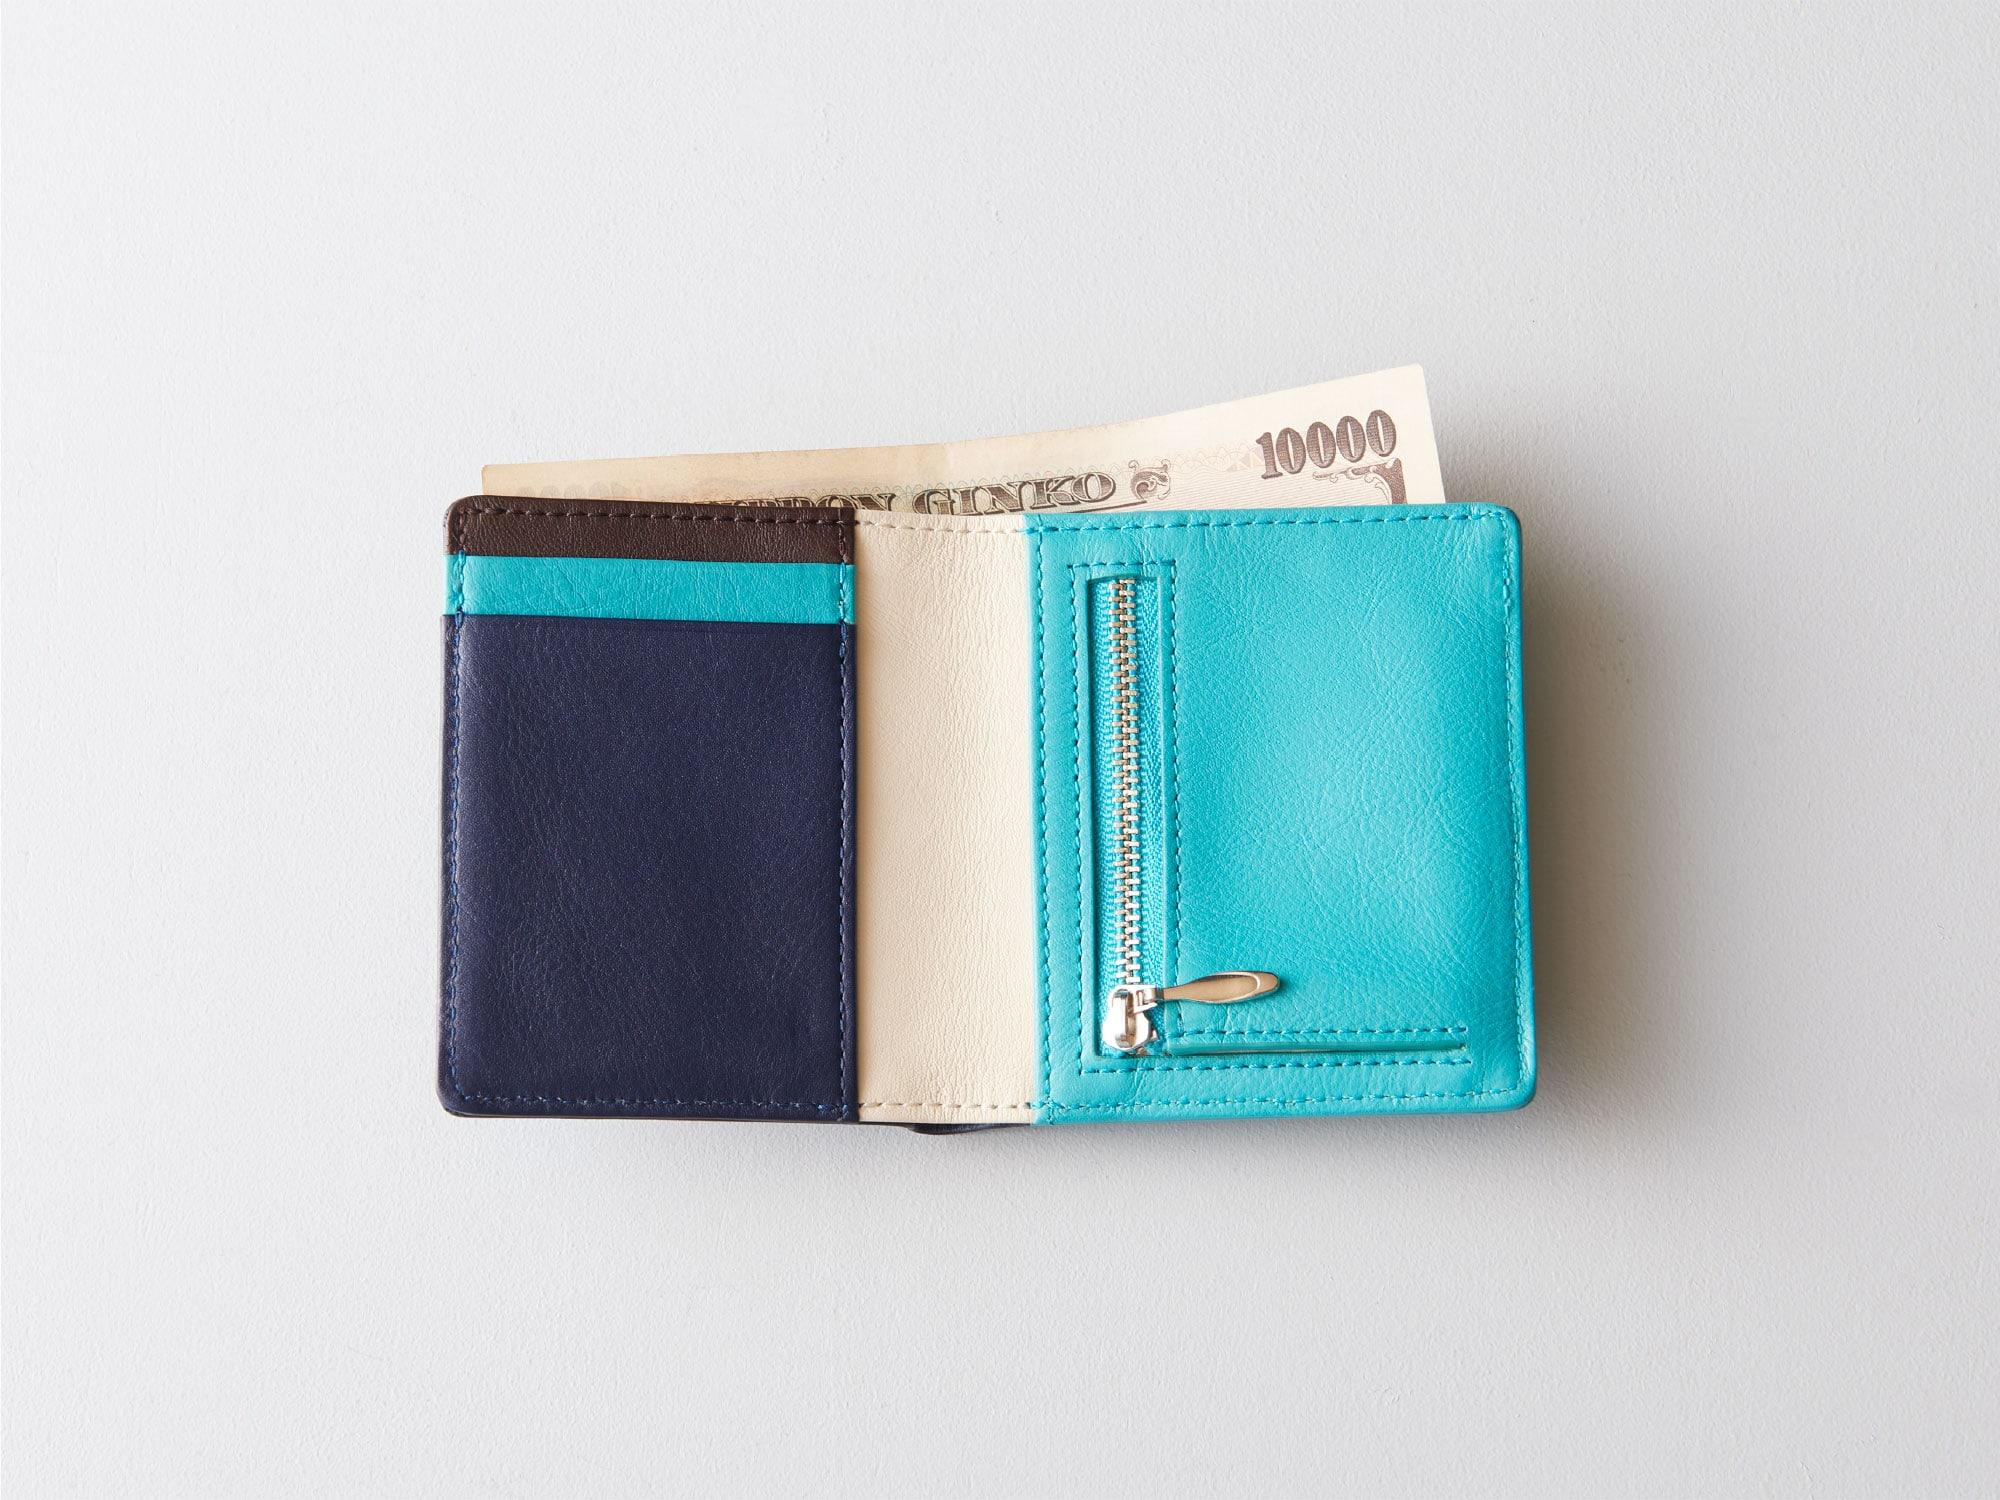 新商品「二つ折りミニ財布」究極の薄さを実現したミニウォレット発売 image09